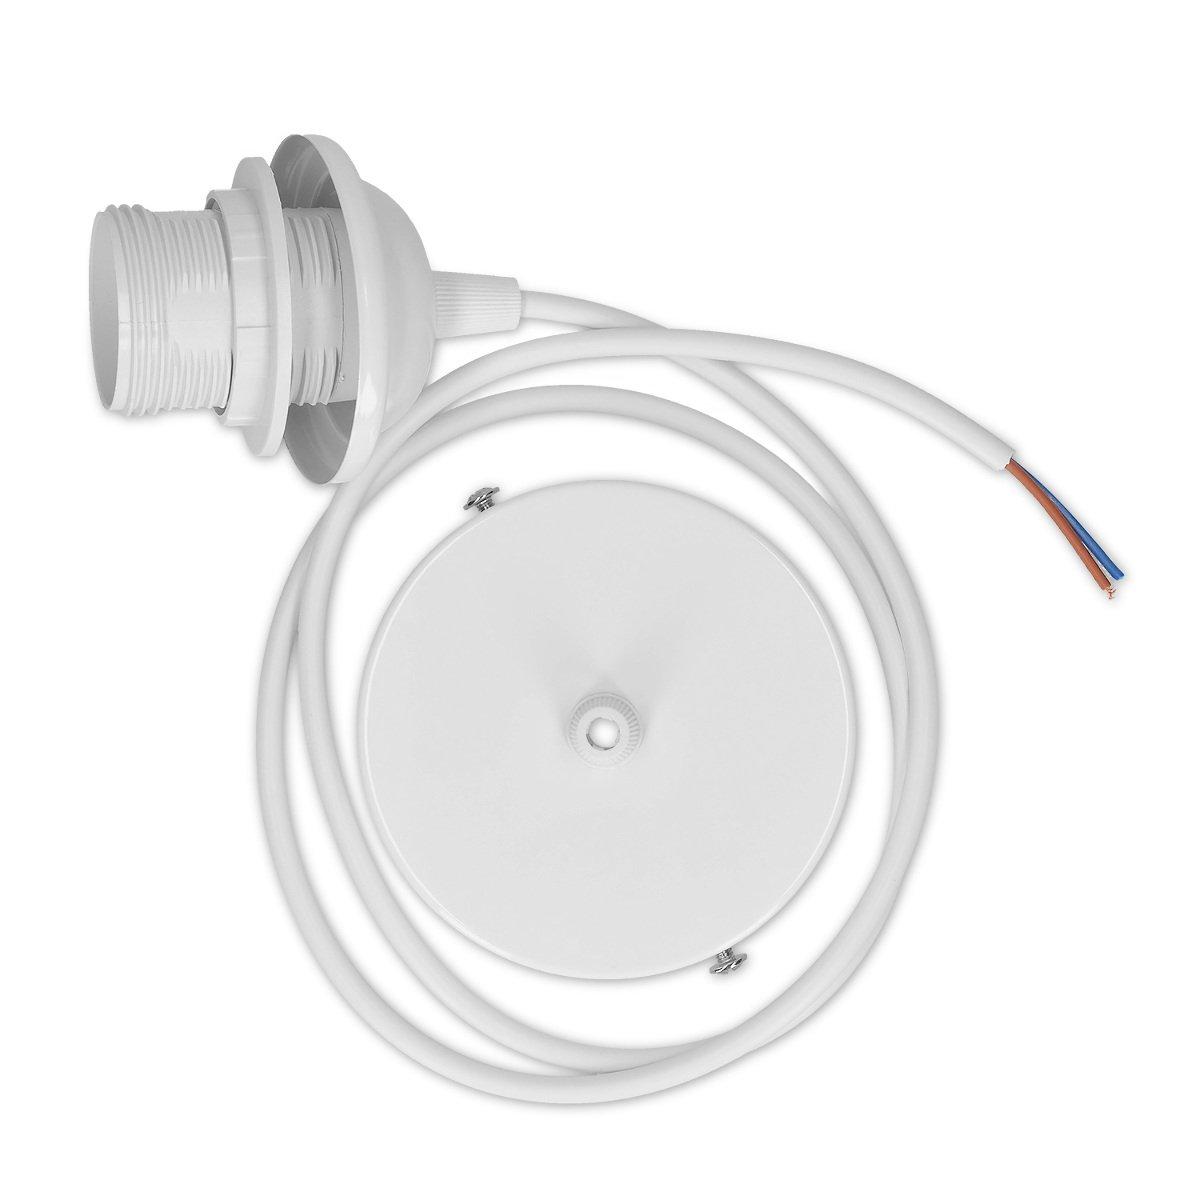 kwmobile 2x câble électrique pour lampe - Câble avec douille E27 et bague de fixation - Monture de suspension pour luminaire plafond - Blanc KW-Commerce 45541.02_m000152